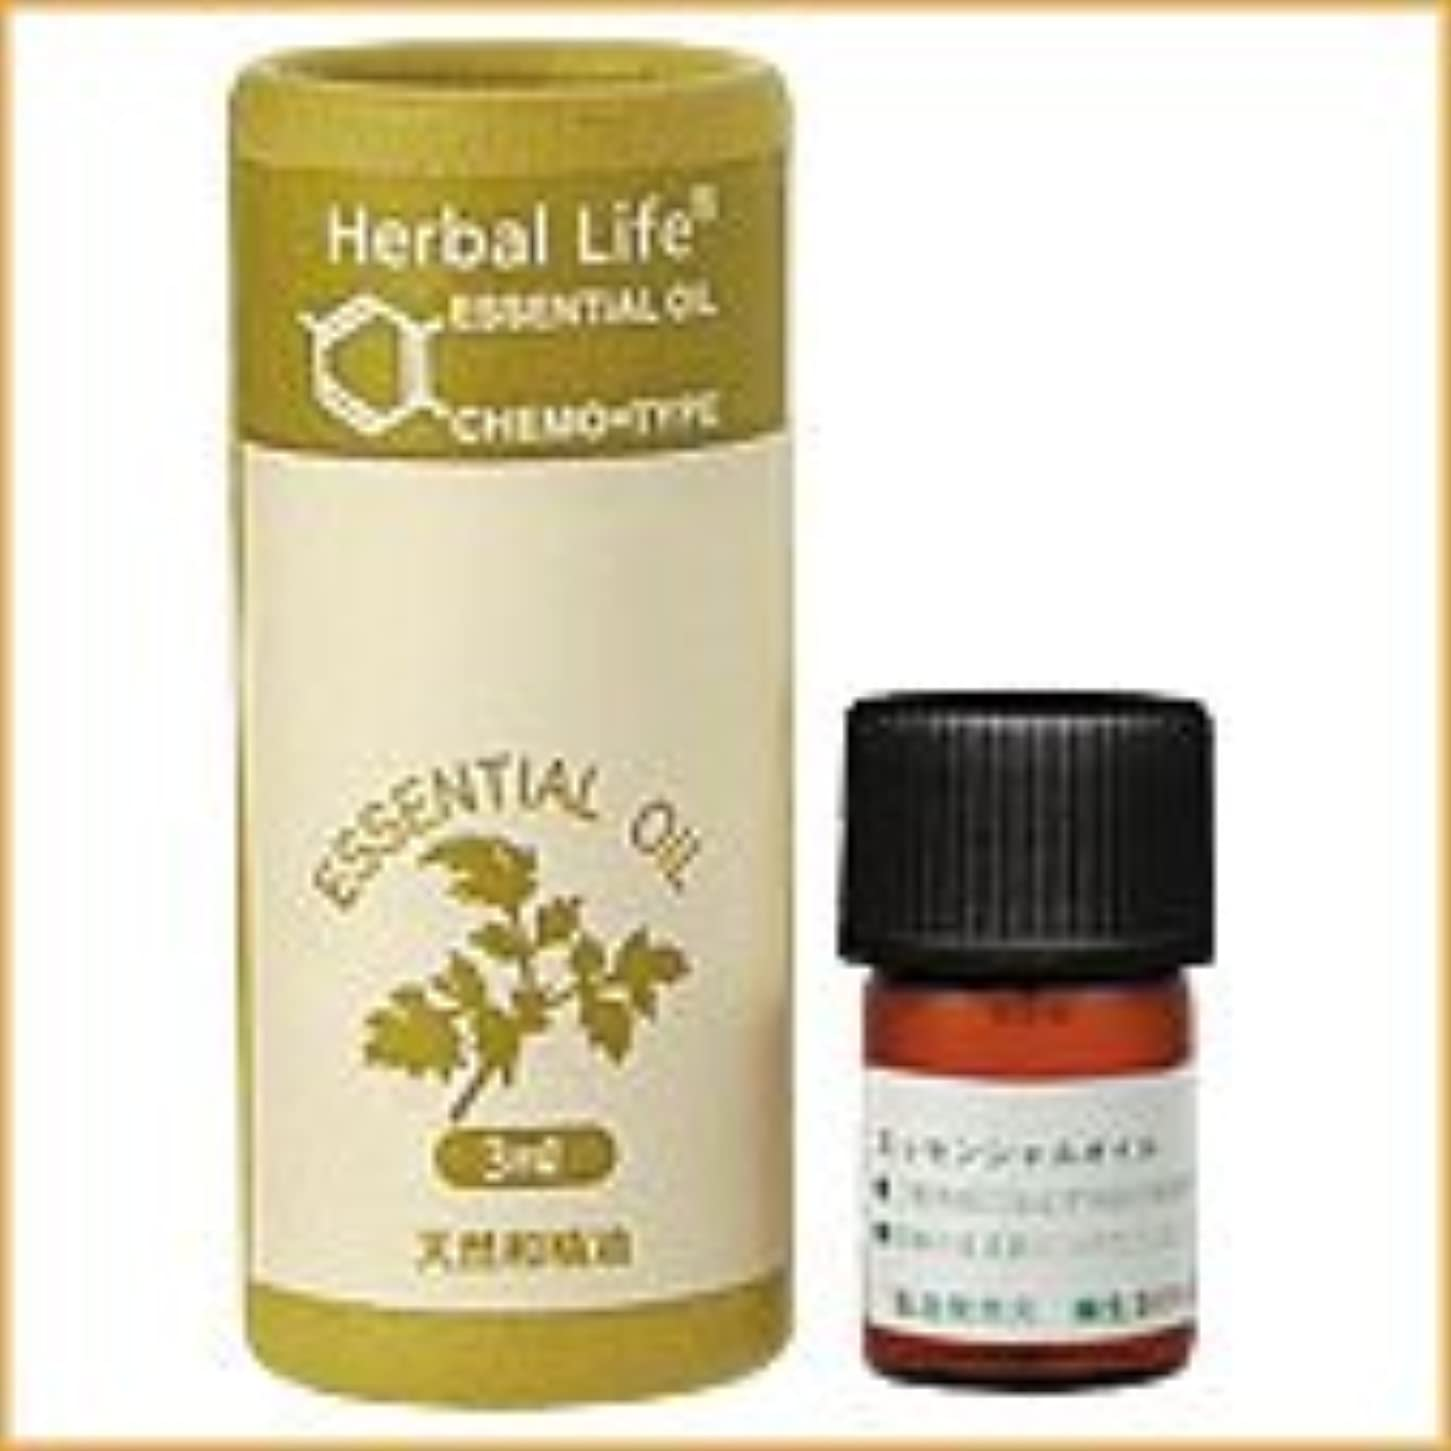 側面航空便極地生活の木 アロマオイル ヒノキ 3ml (Tree of Life Essential Oil/エッセンシャルオイル)